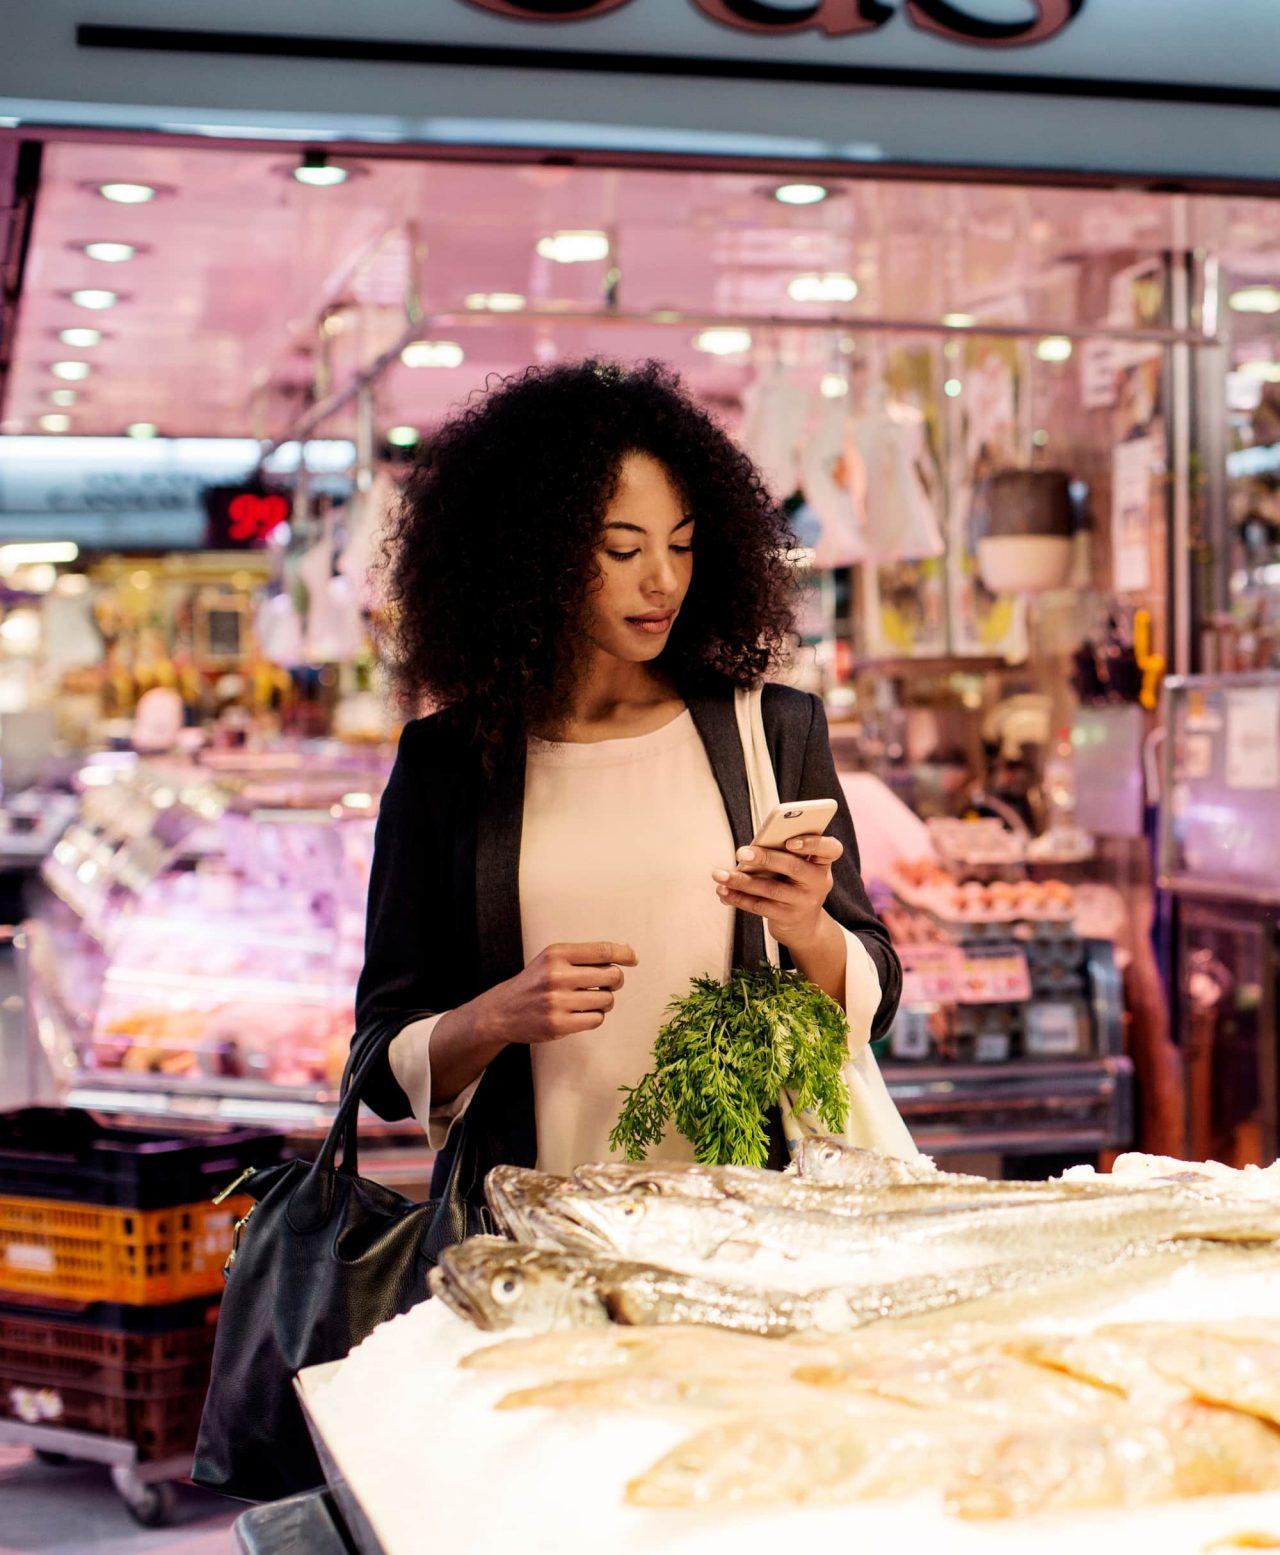 Woman taken a payment